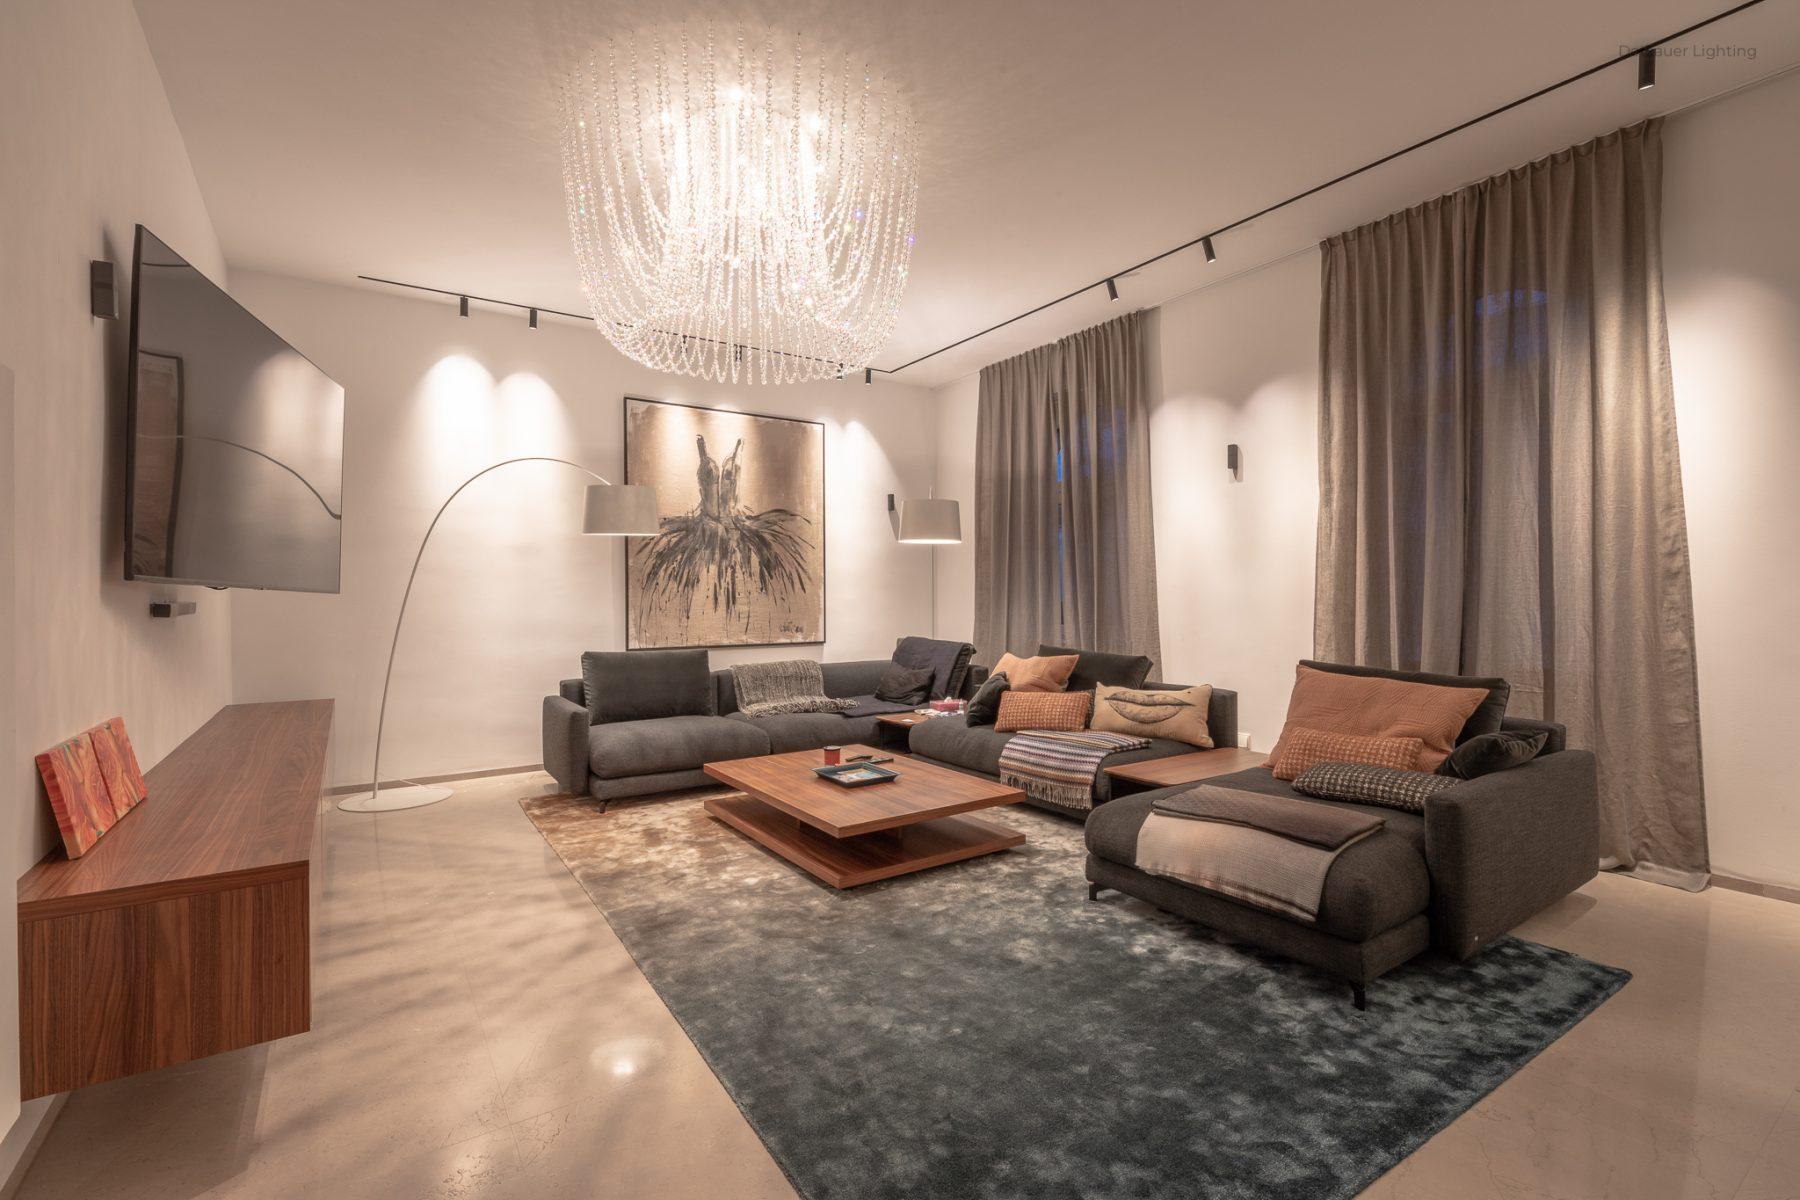 Wohnung K Wohnzimmer mit dekorative und funktionellen Leuchten